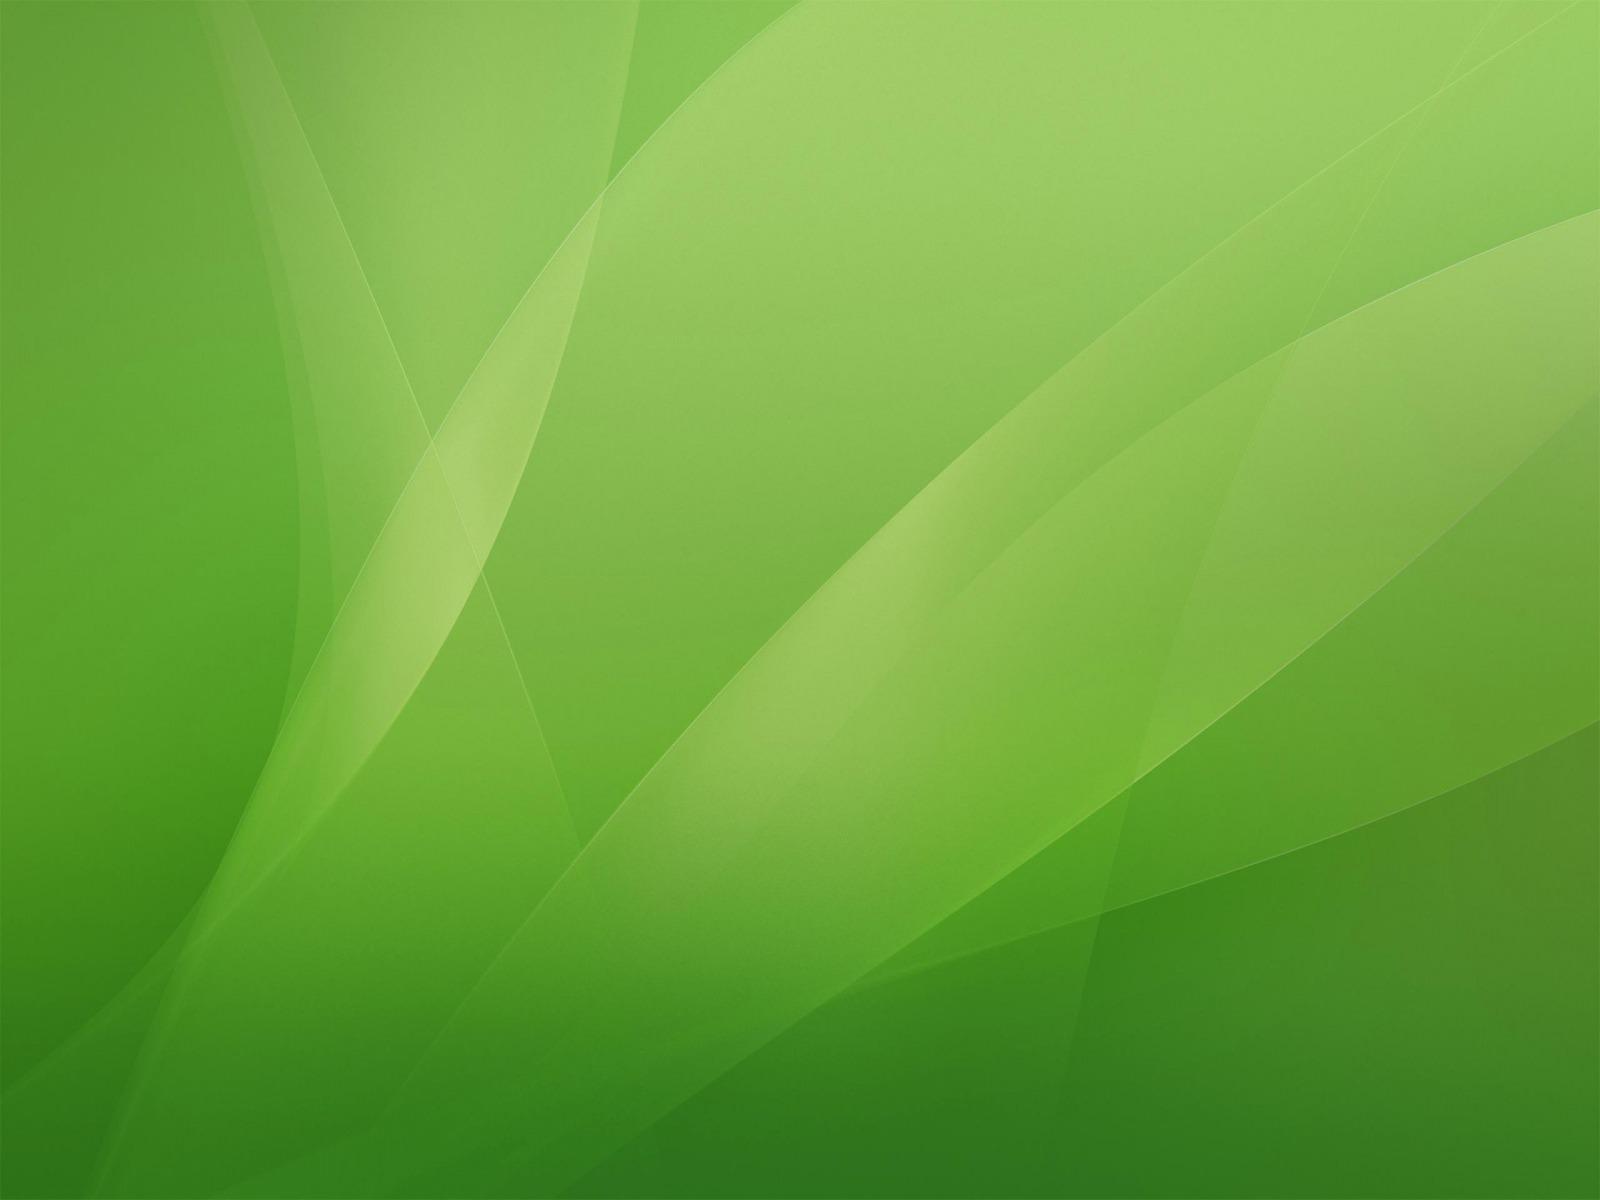 Green Backgrounds wallpaper Light Green Backgrounds hd wallpaper 1600x1200